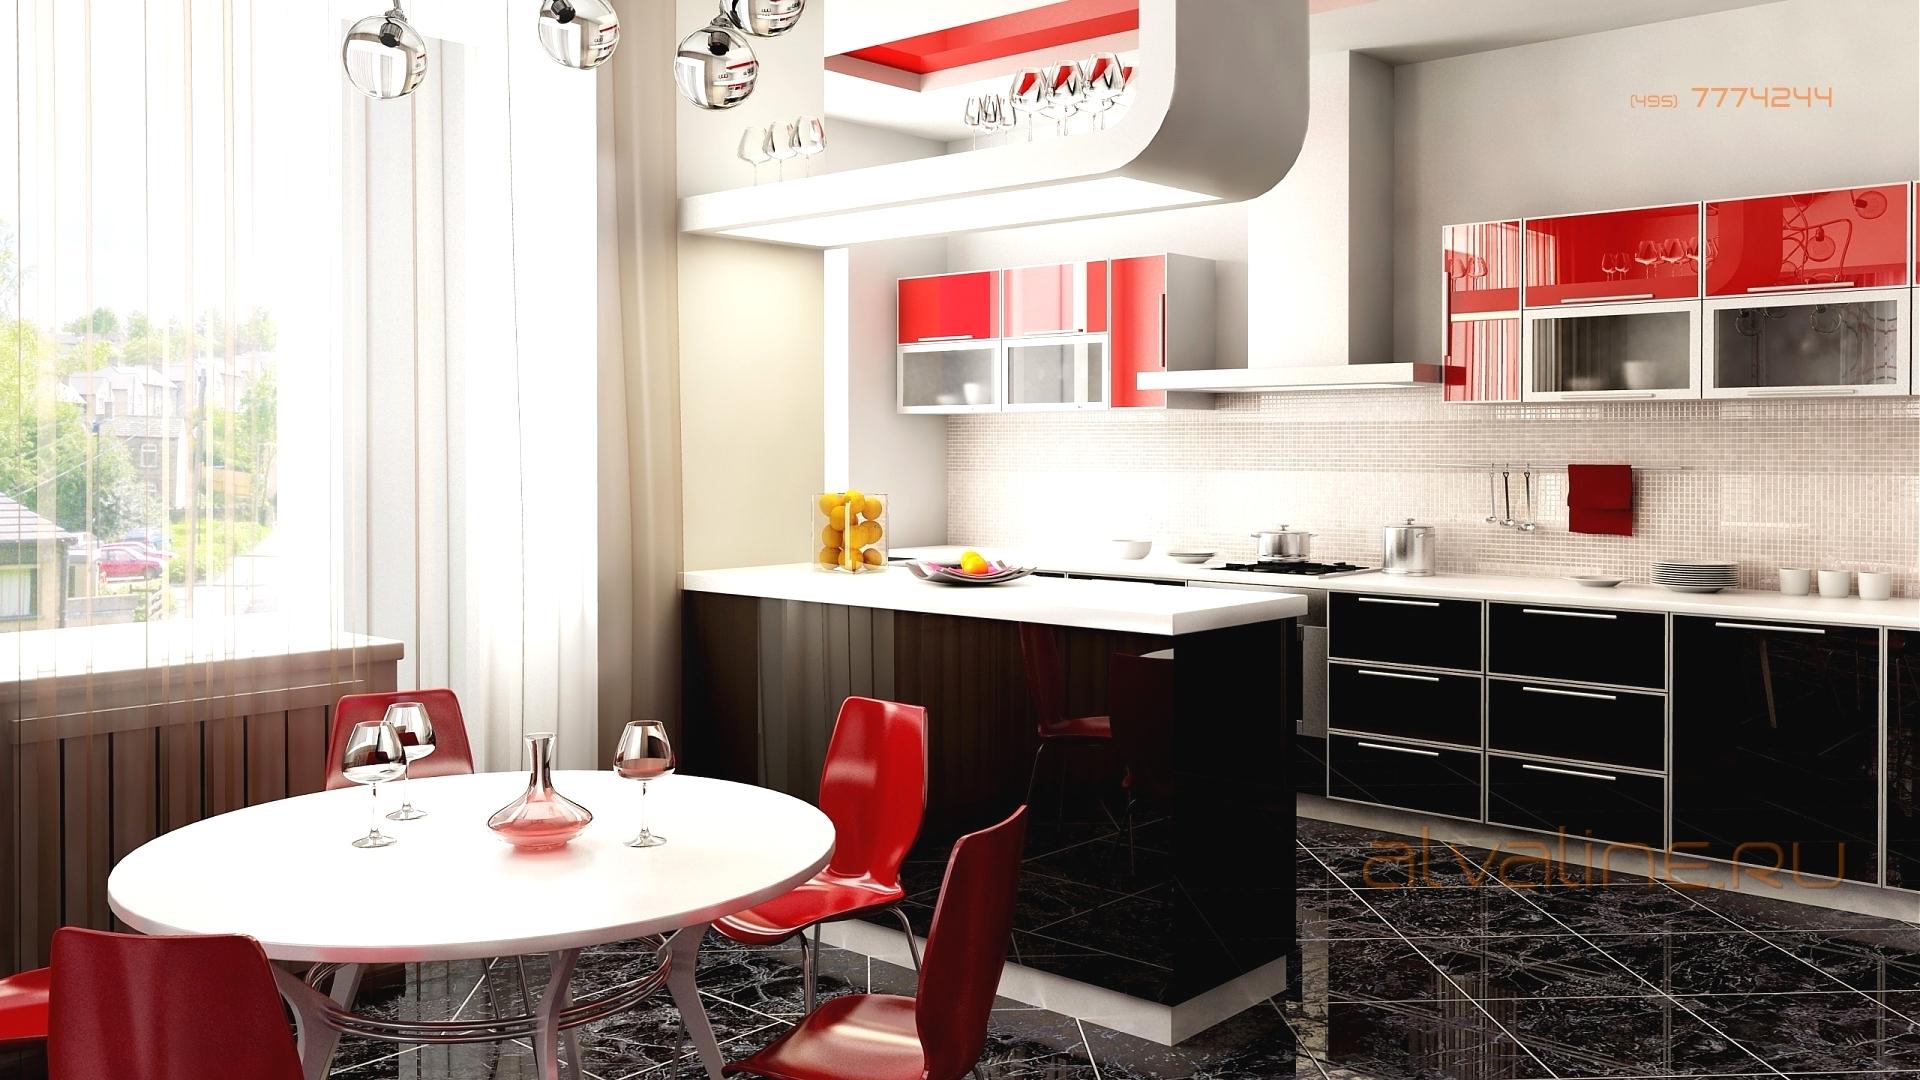 Интерьер кухни в красном стиле фото